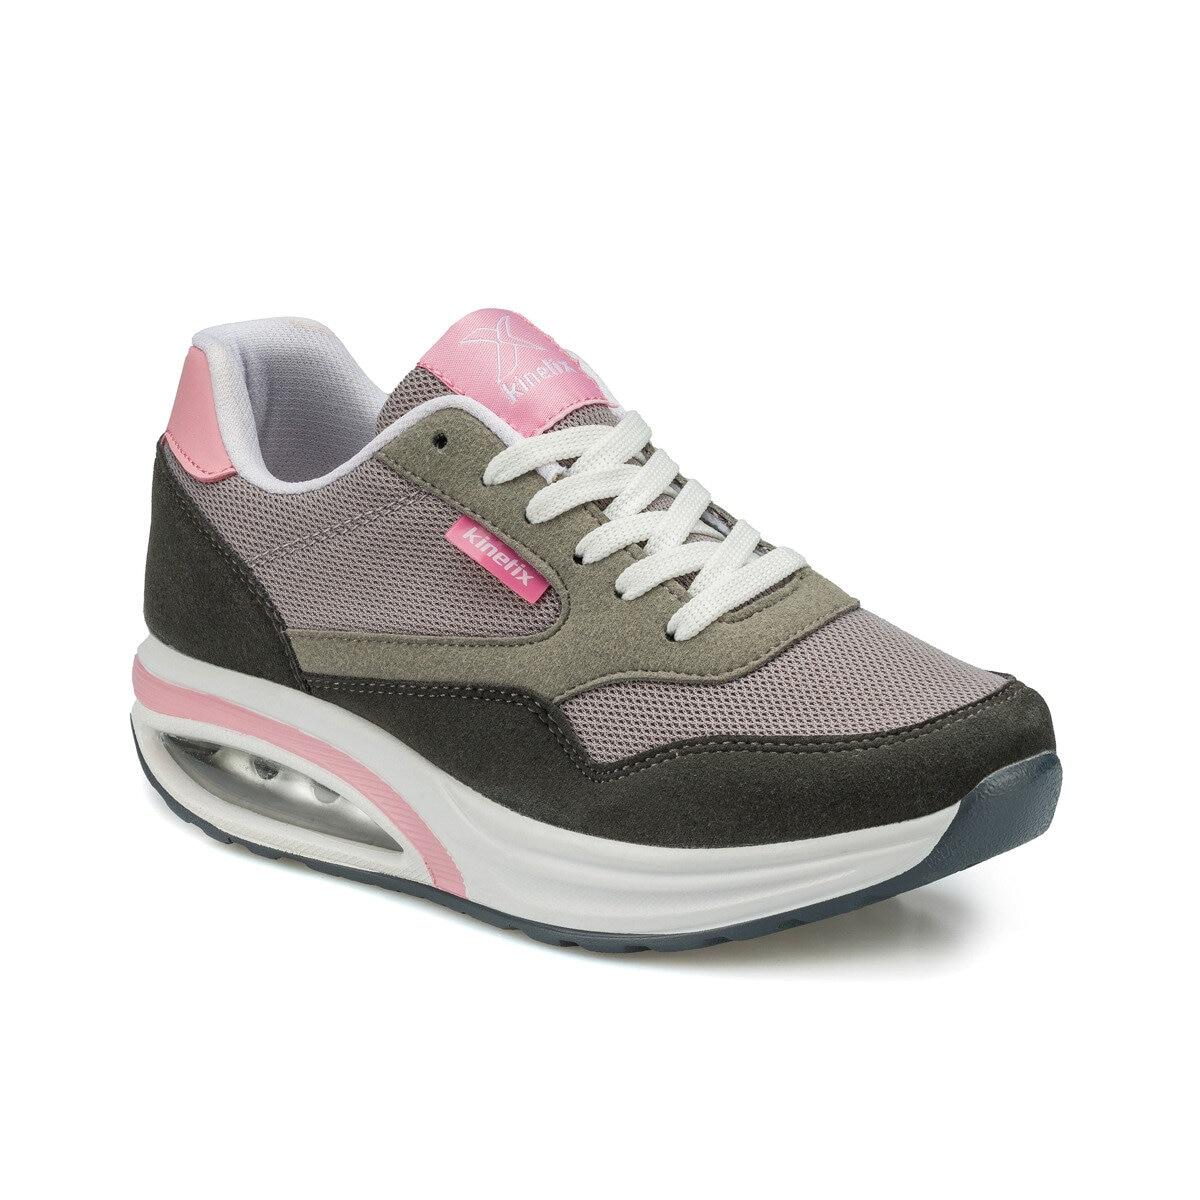 FLO ANETA TX W Dark Gray Women 'S Sneaker Shoes KINETIX